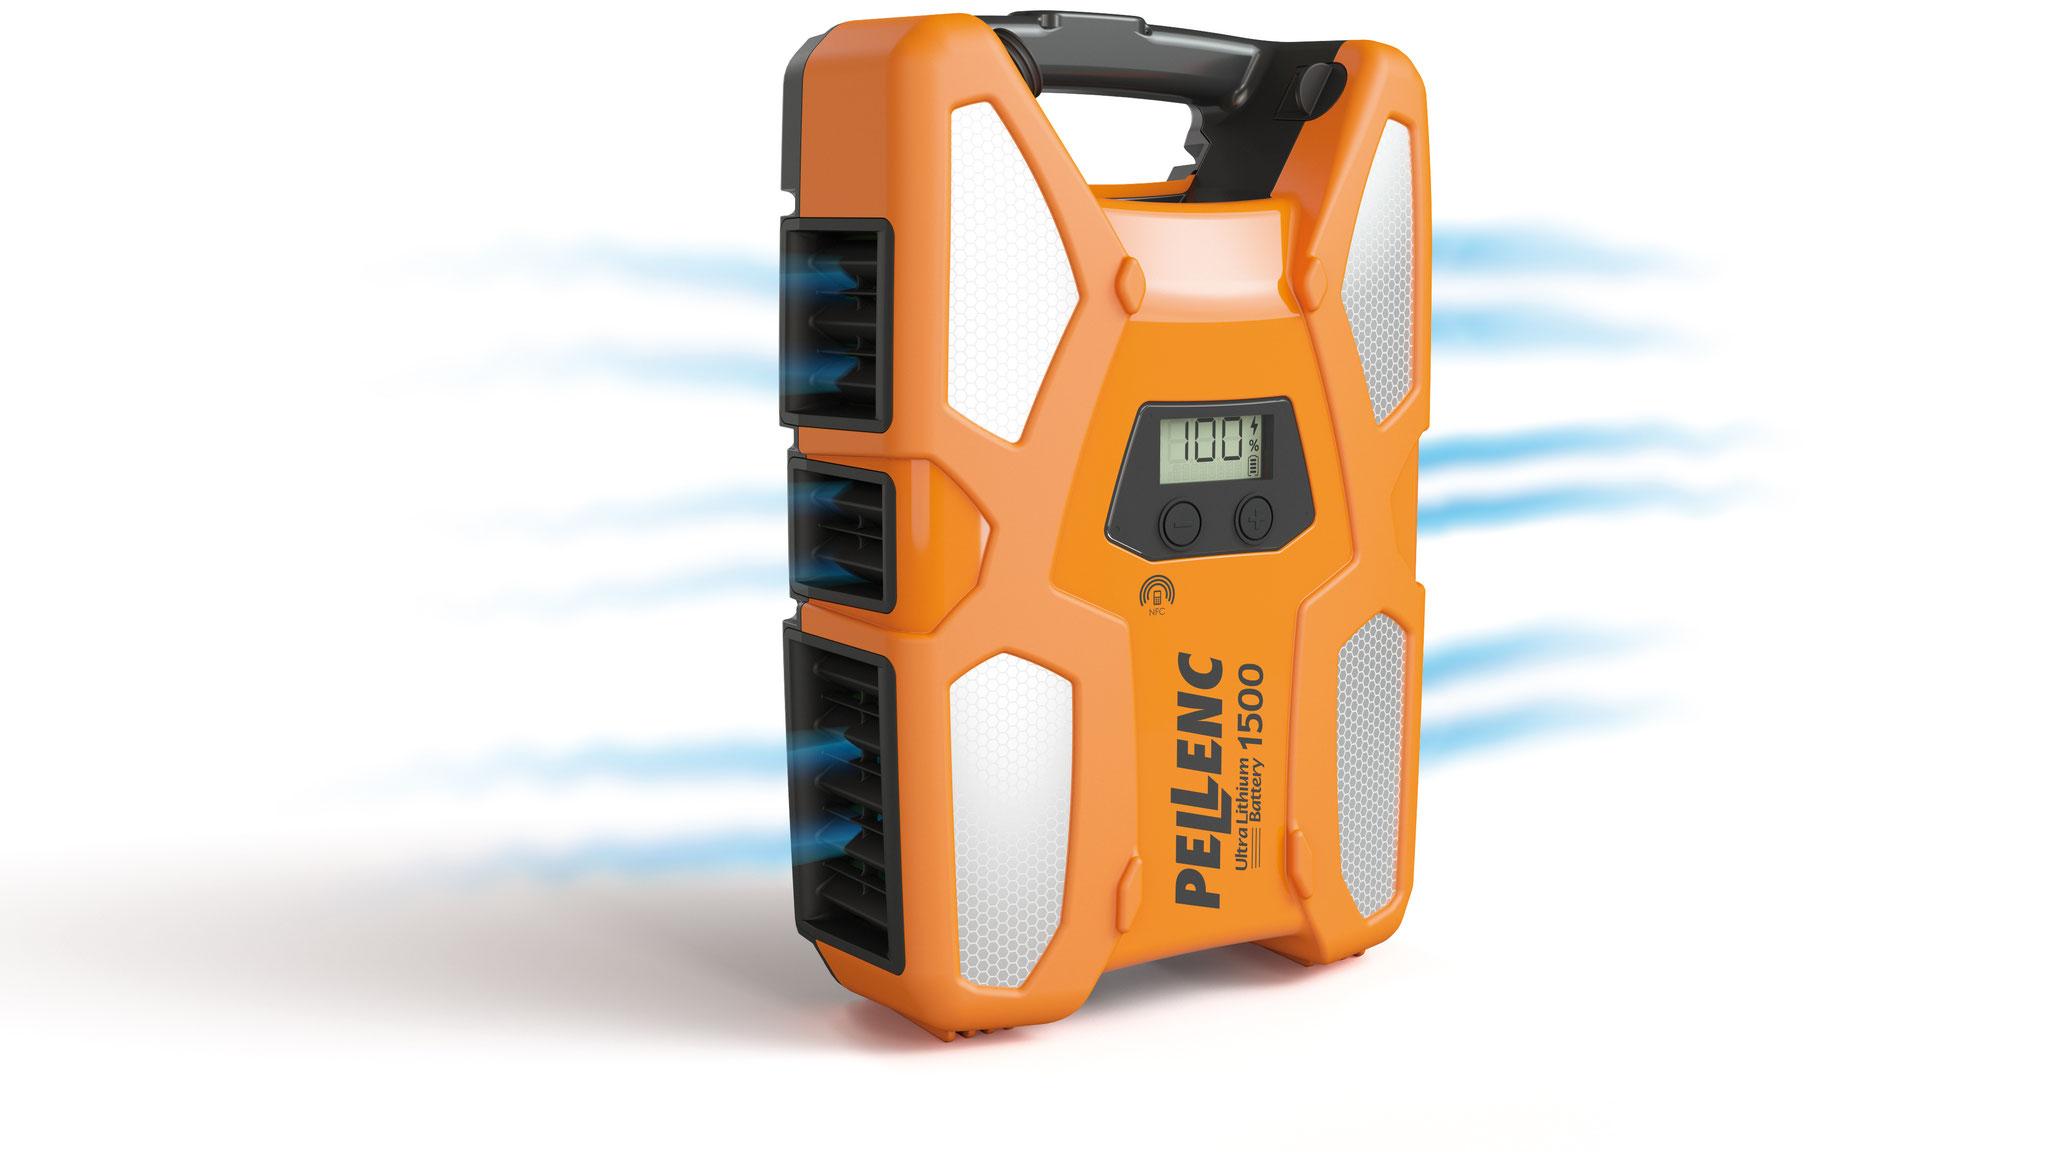 Pellenc ULiB 1500 - Akku mit 1527 Wh gespeicherter Energie bei 7,5 kg Gewicht